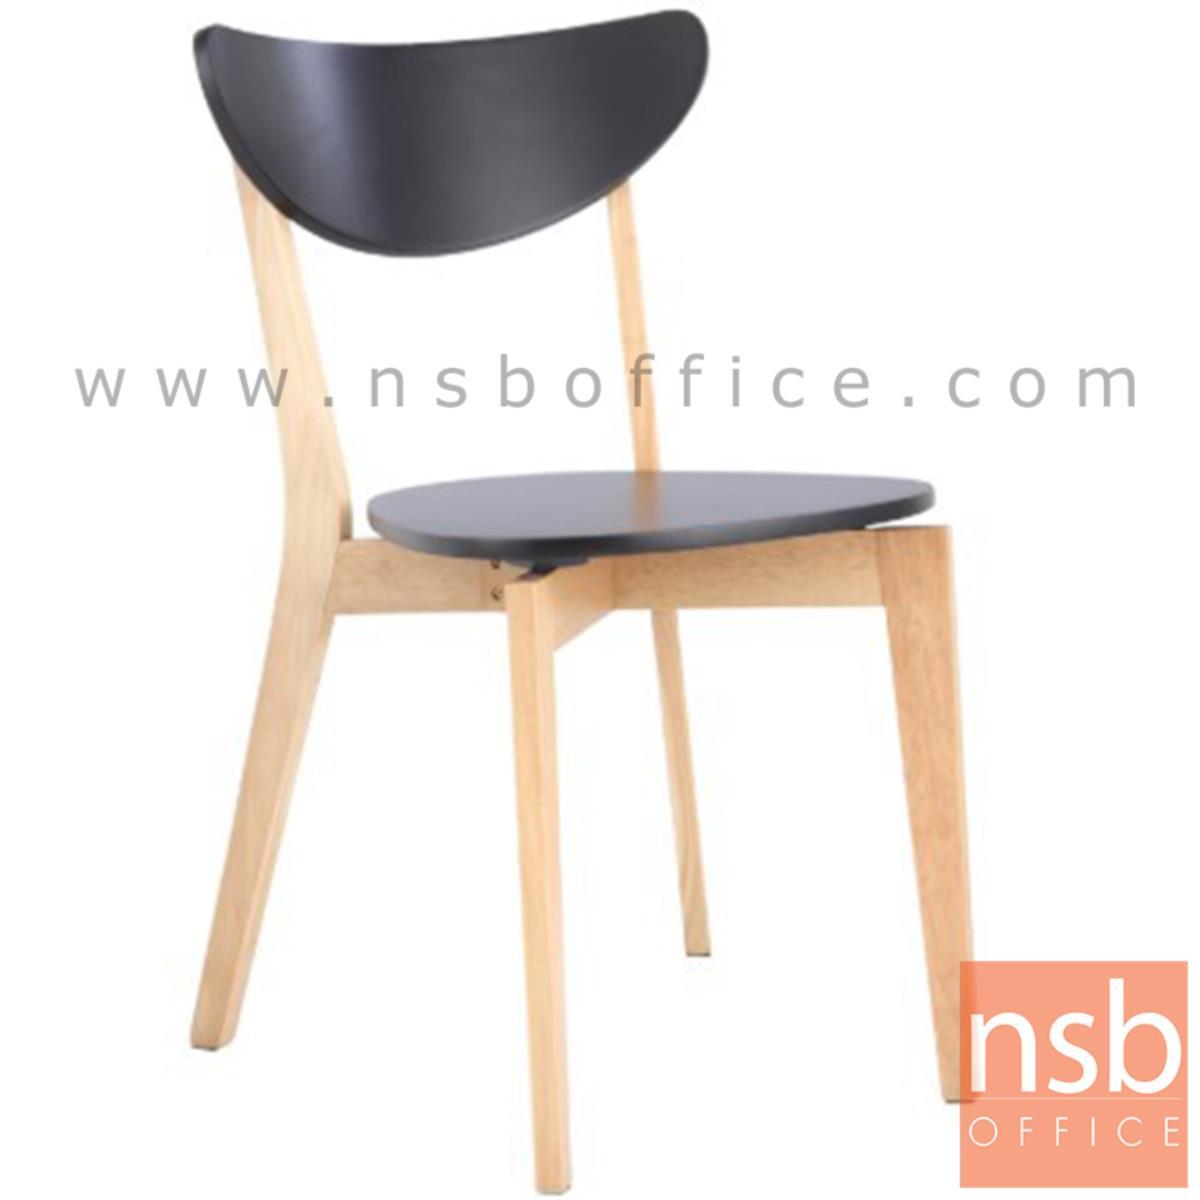 B22A165:เก้าอี้รับประทานอาหาร รุ่น Lesbos (เลสบอส) ขนาด 48.5W cm.  ขาไม้จริง